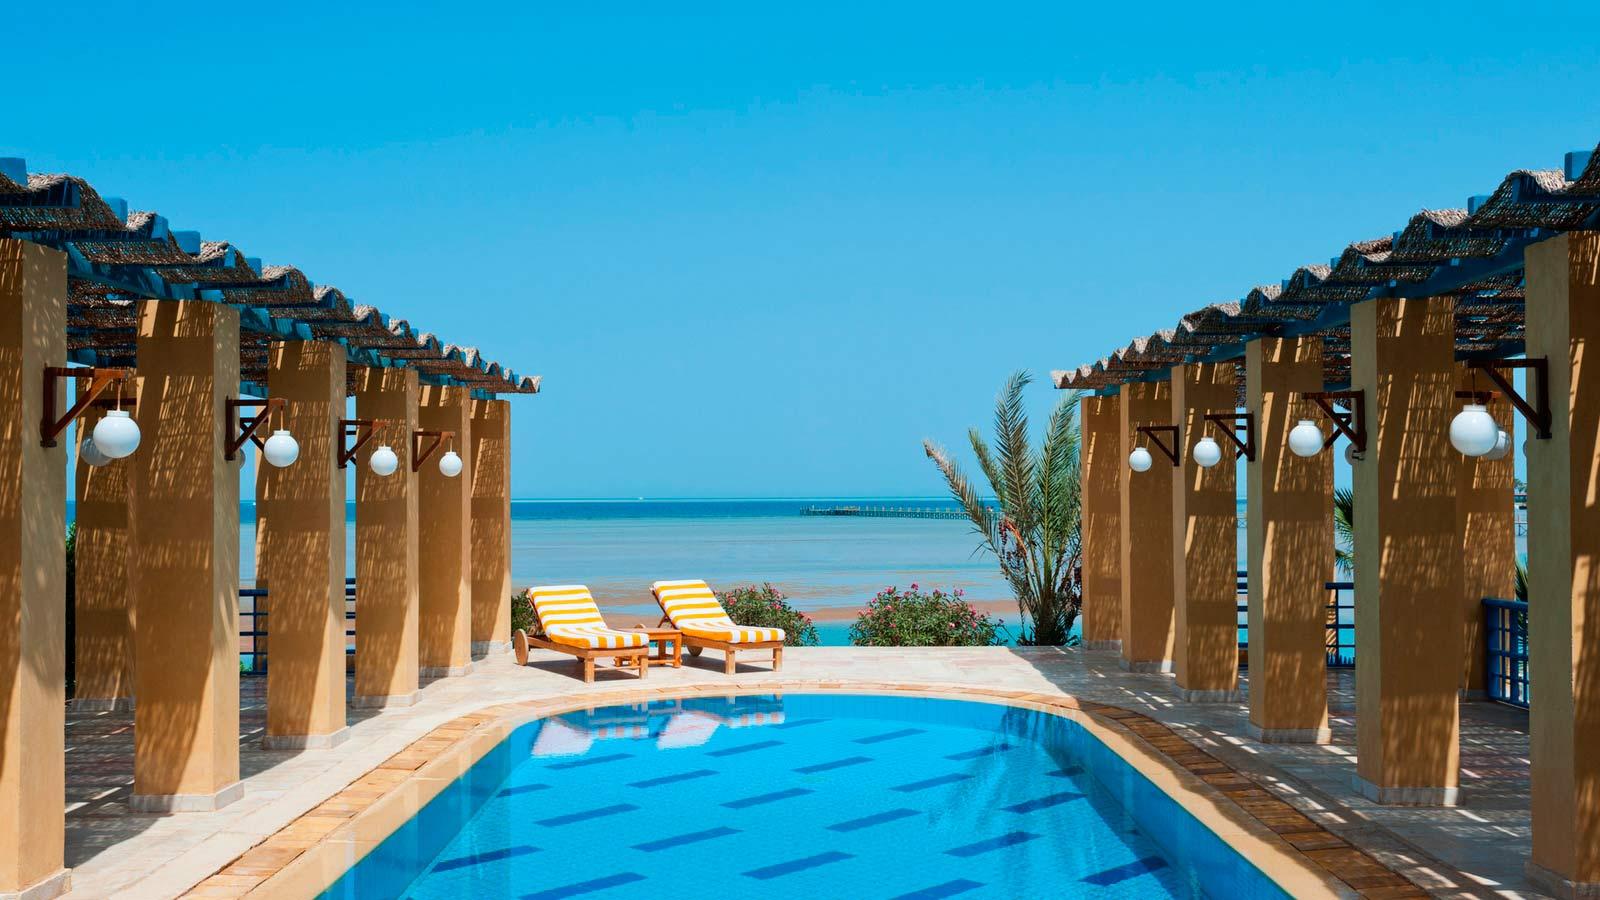 Sheraton Miramar Resort El Gouna image9